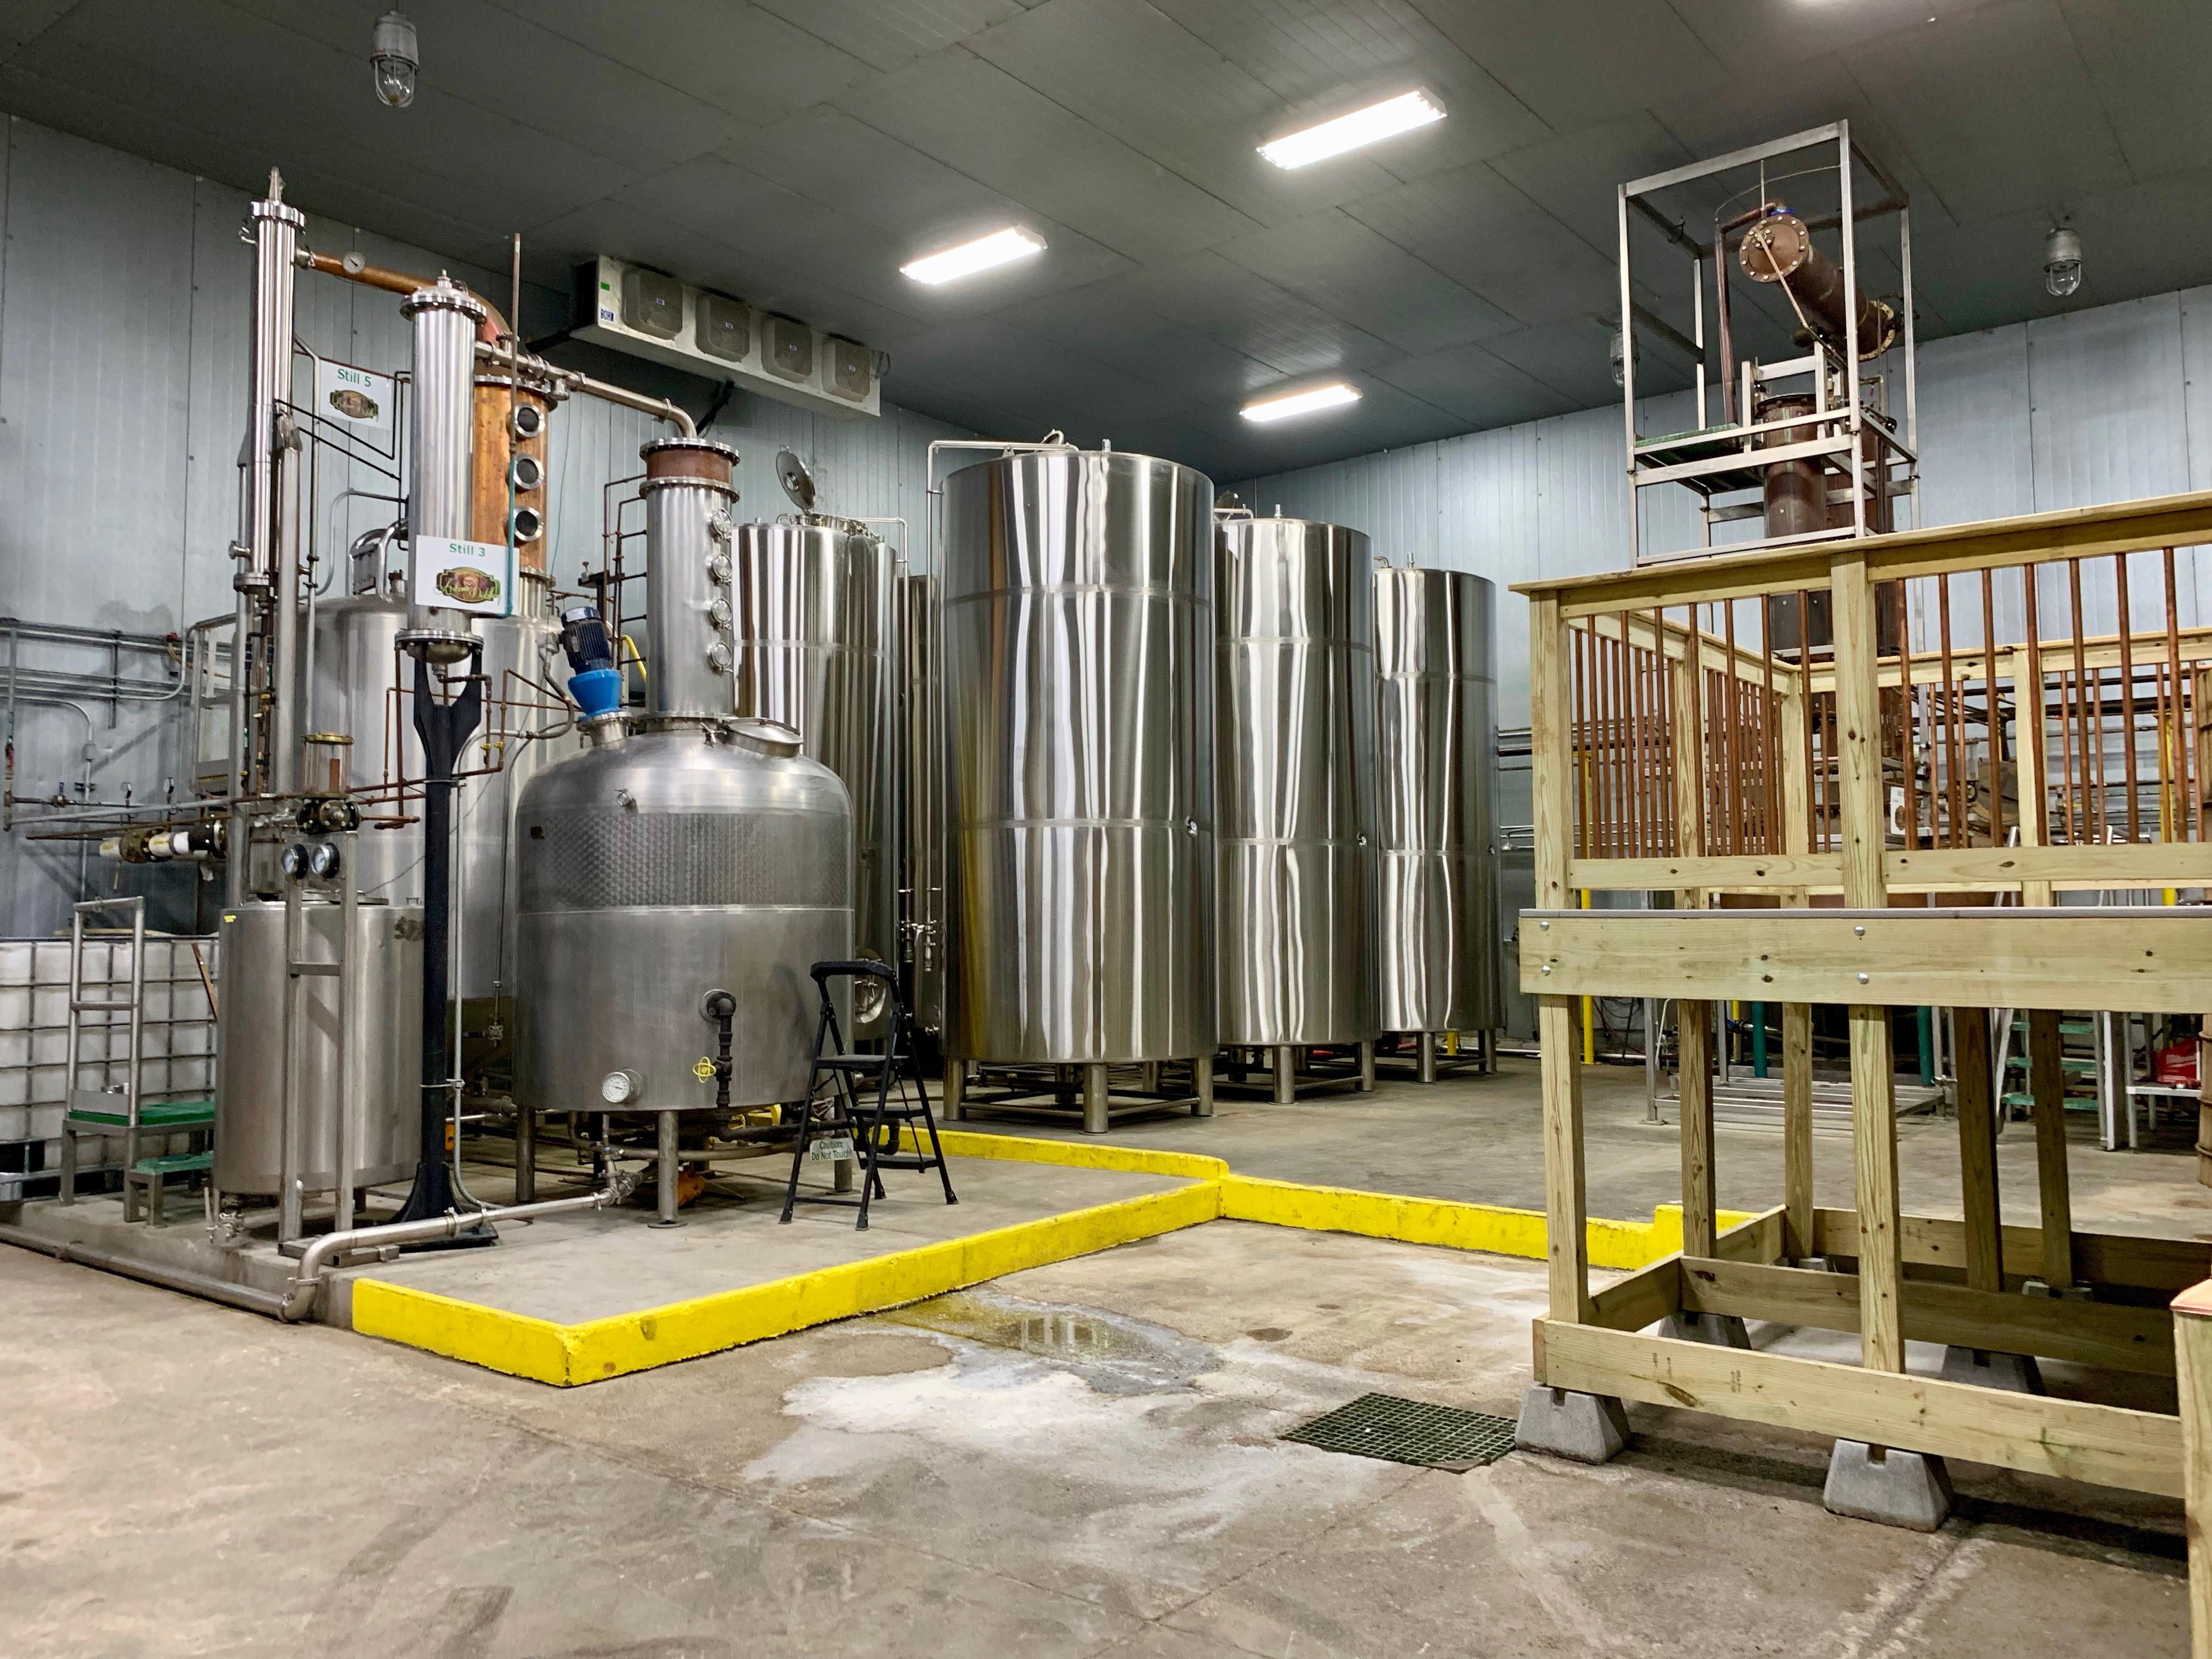 Stripping Stills and Stainless Steel Fermenters - Kentucky Artisan Distillery